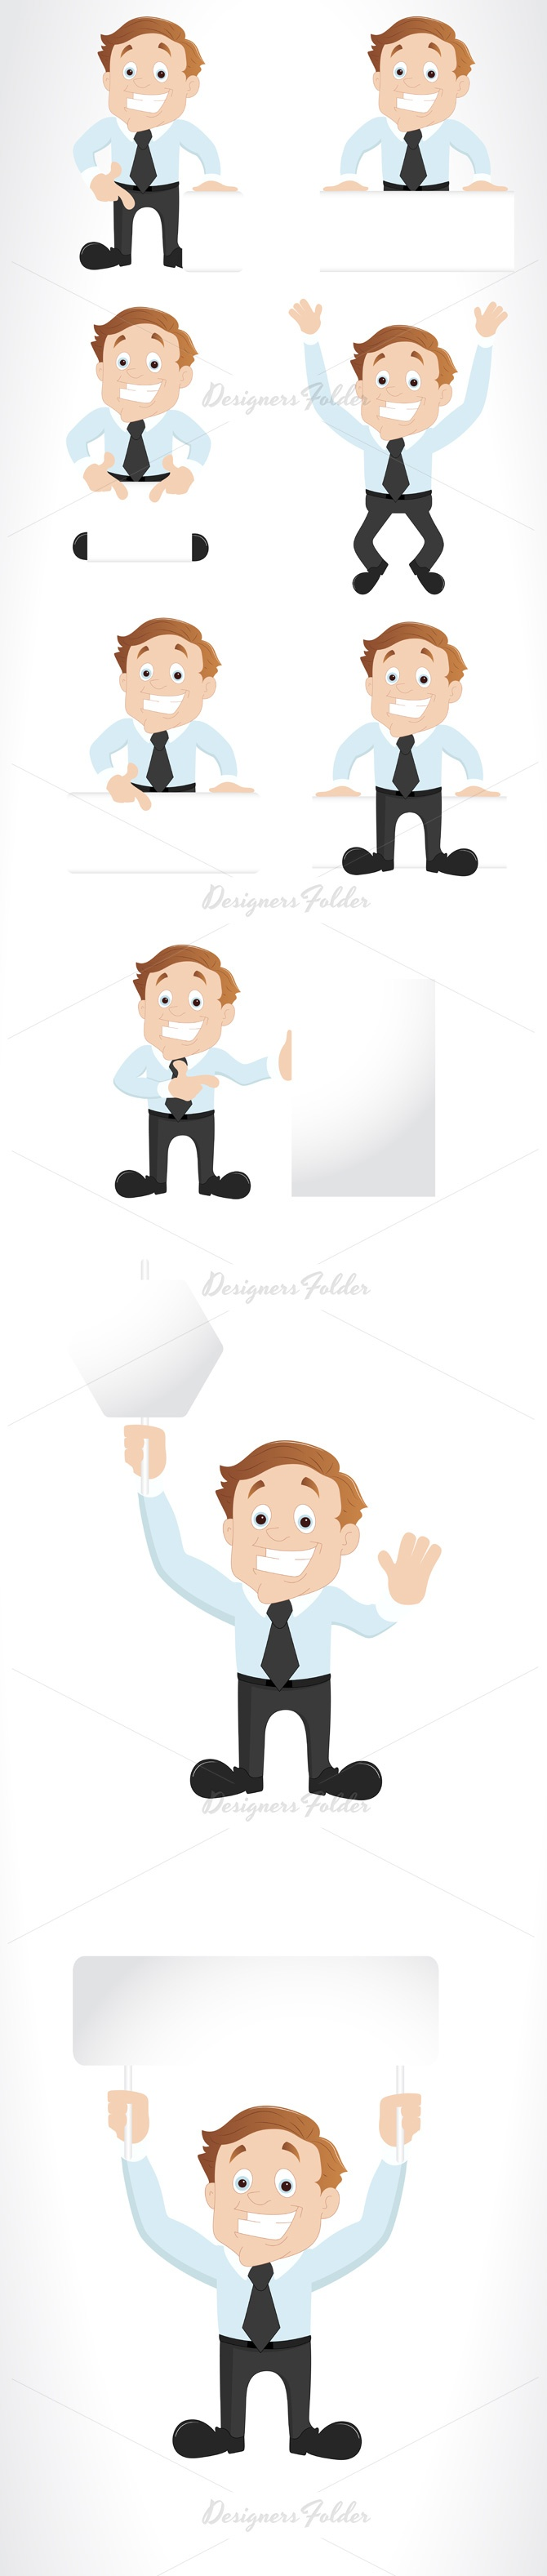 Corporate Cartoon Character Vectors and Mascots